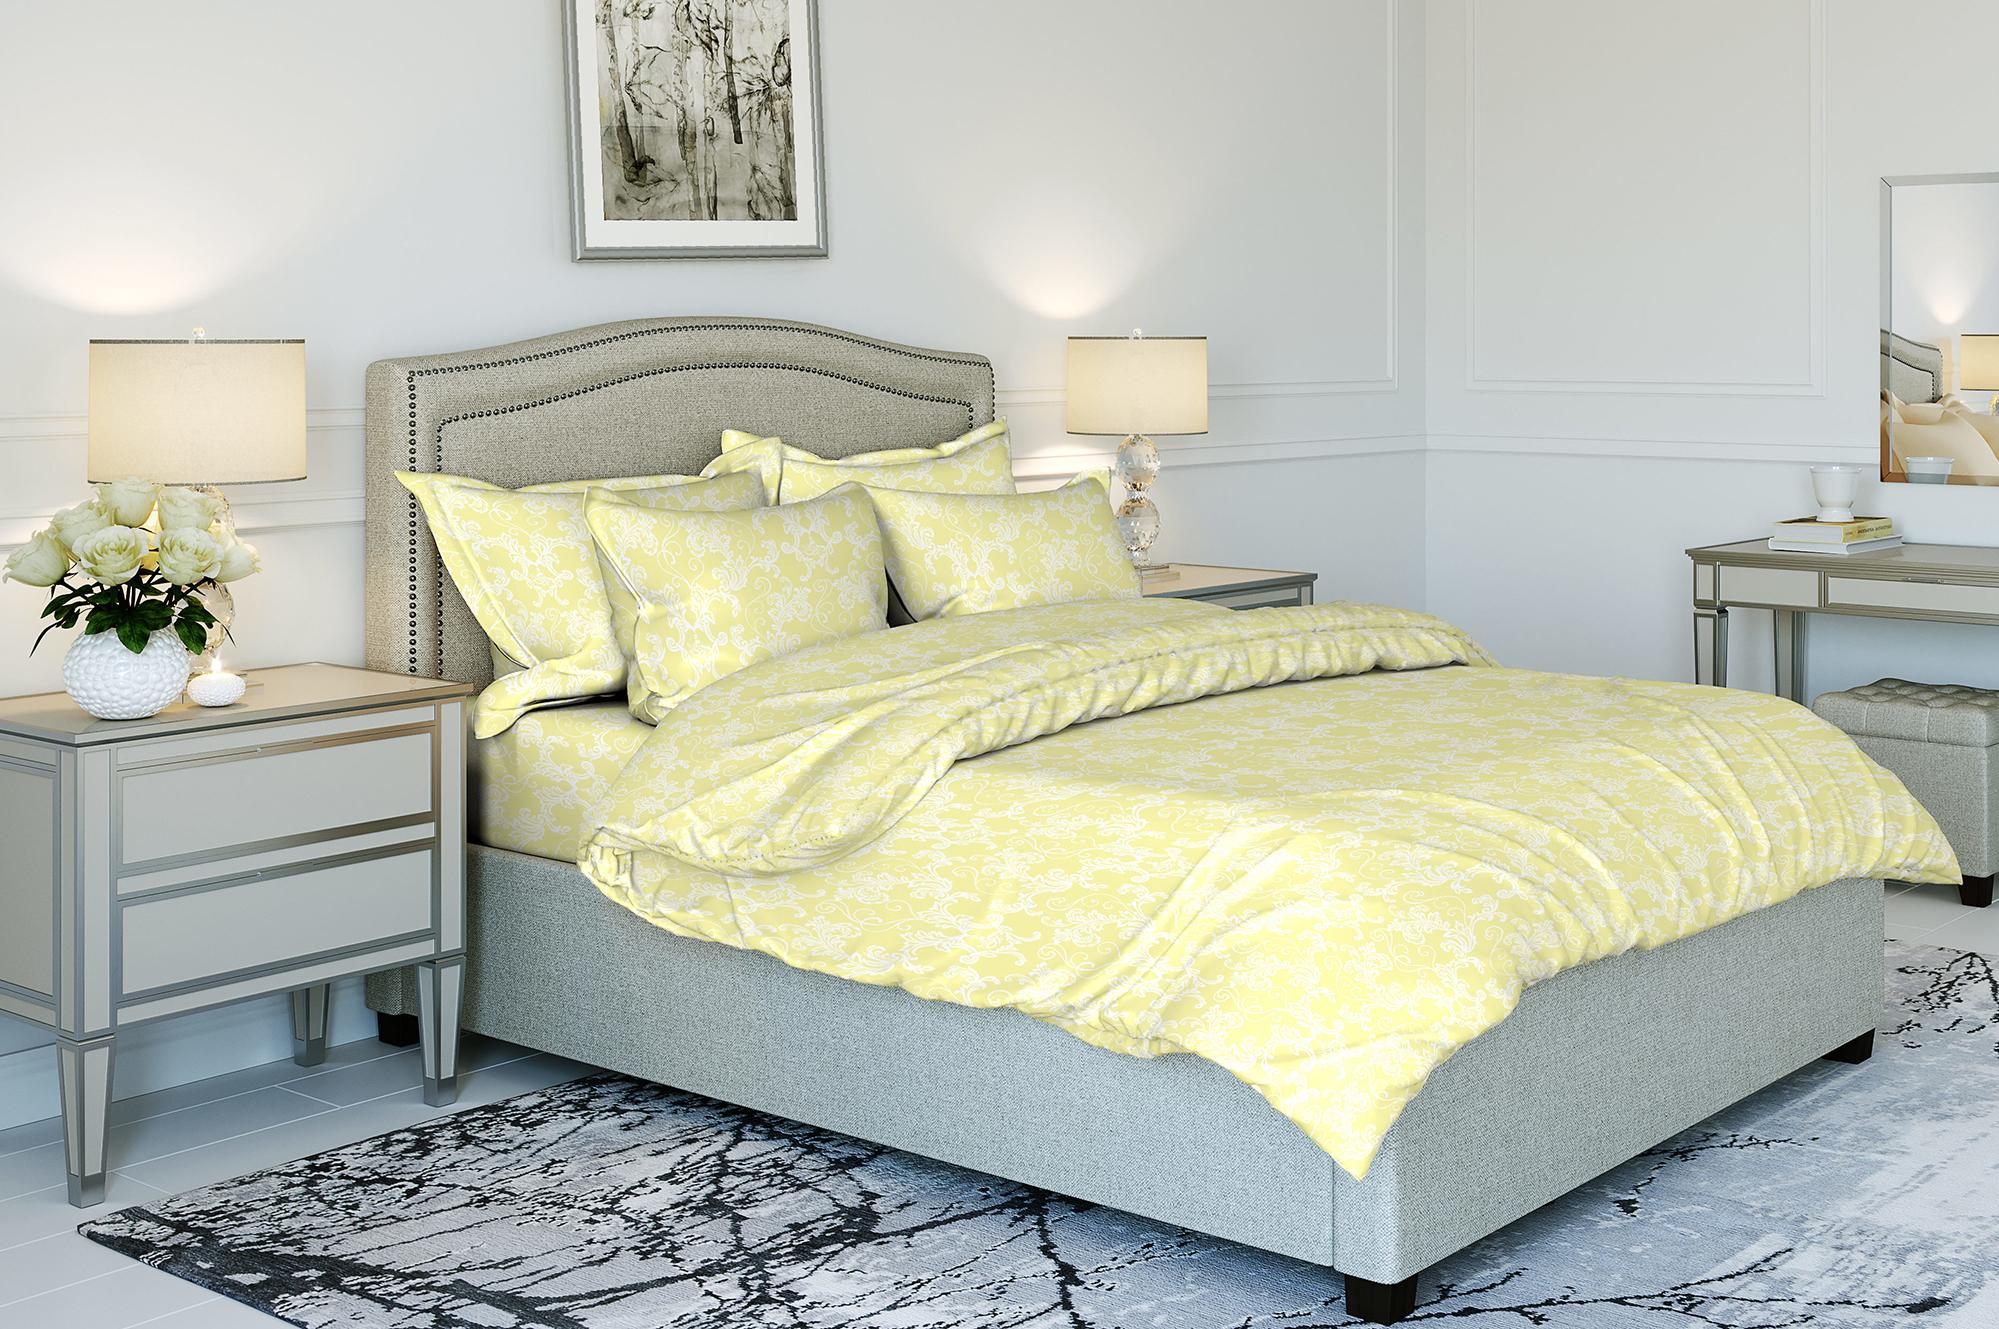 Комплект постельного белья Ночь нежна Ampir Цвет: Шампань (2 спальное)